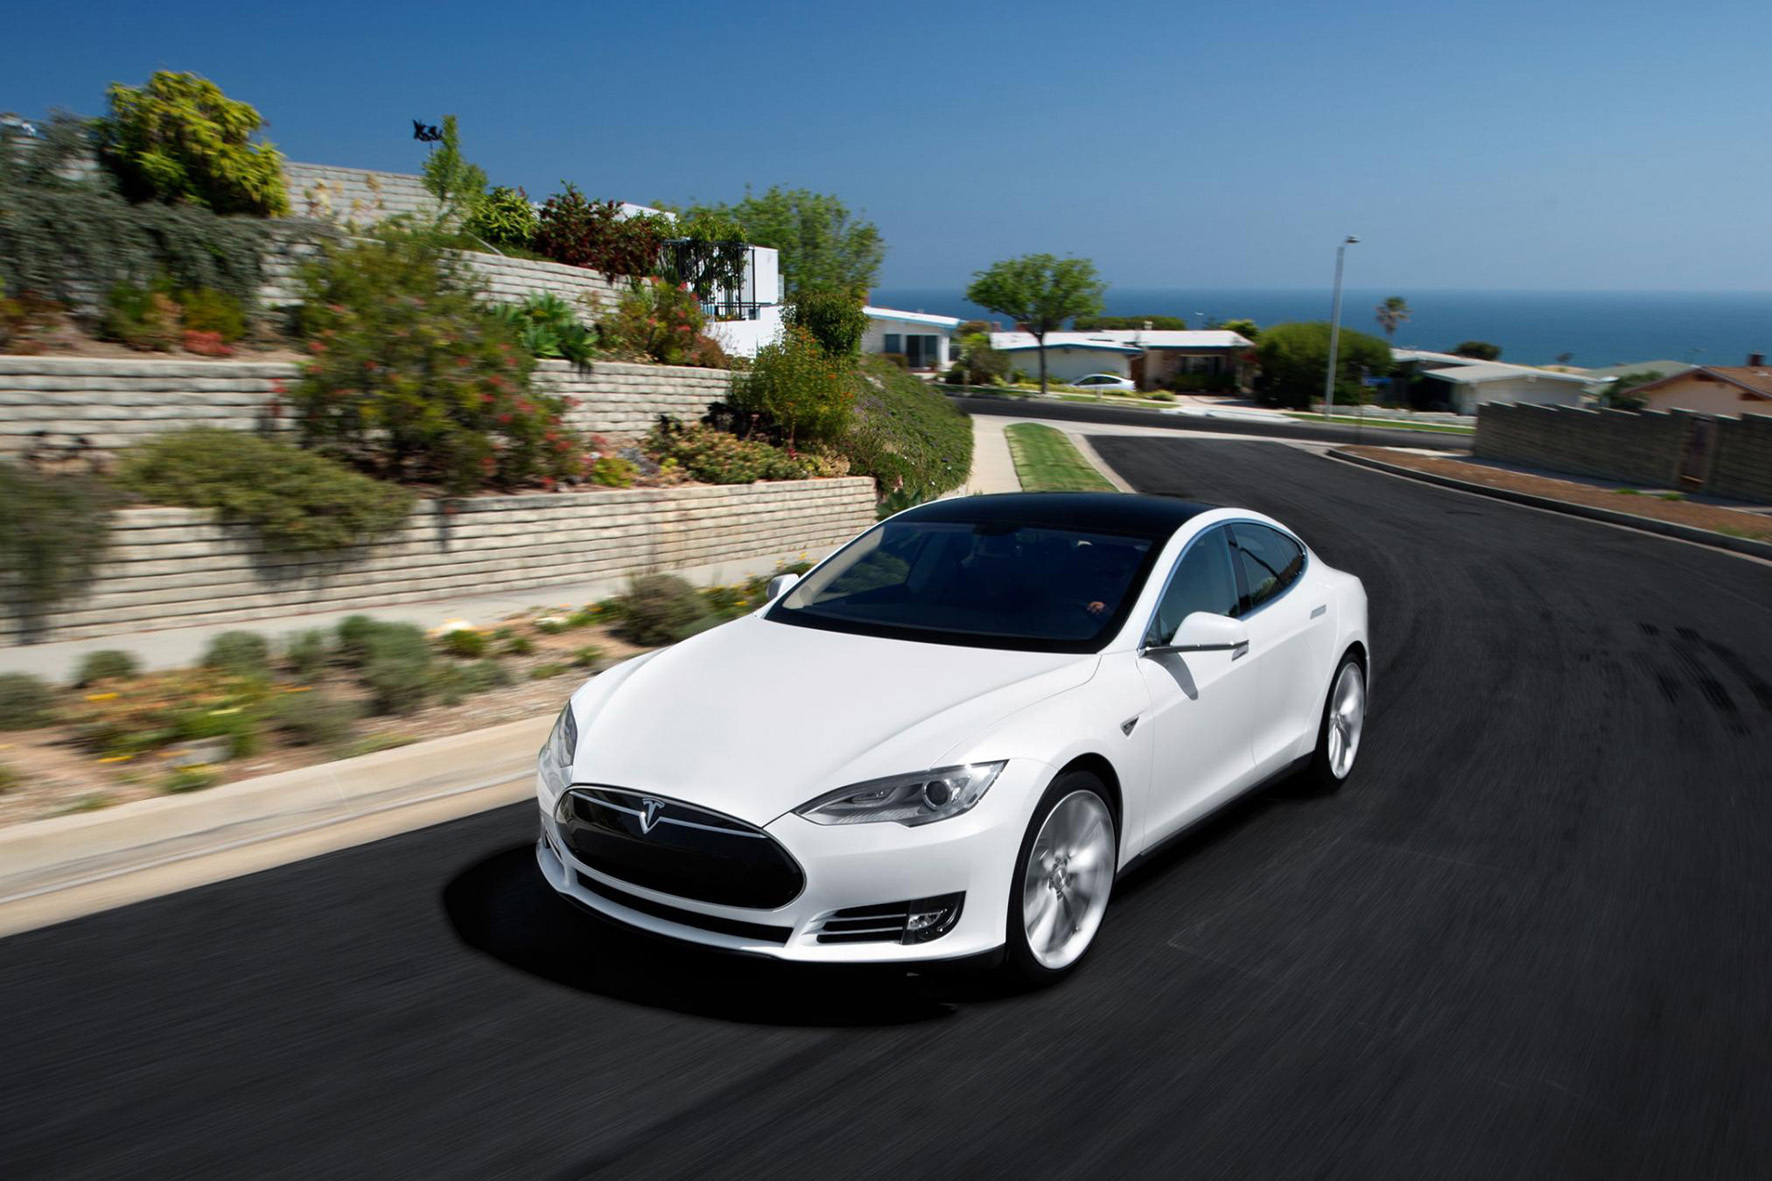 mid Düsseldorf - Auch Premium-Fahrzeuge wie die Elektro-Limousine Tesla Model S können von IT-Experten gehackt werden.